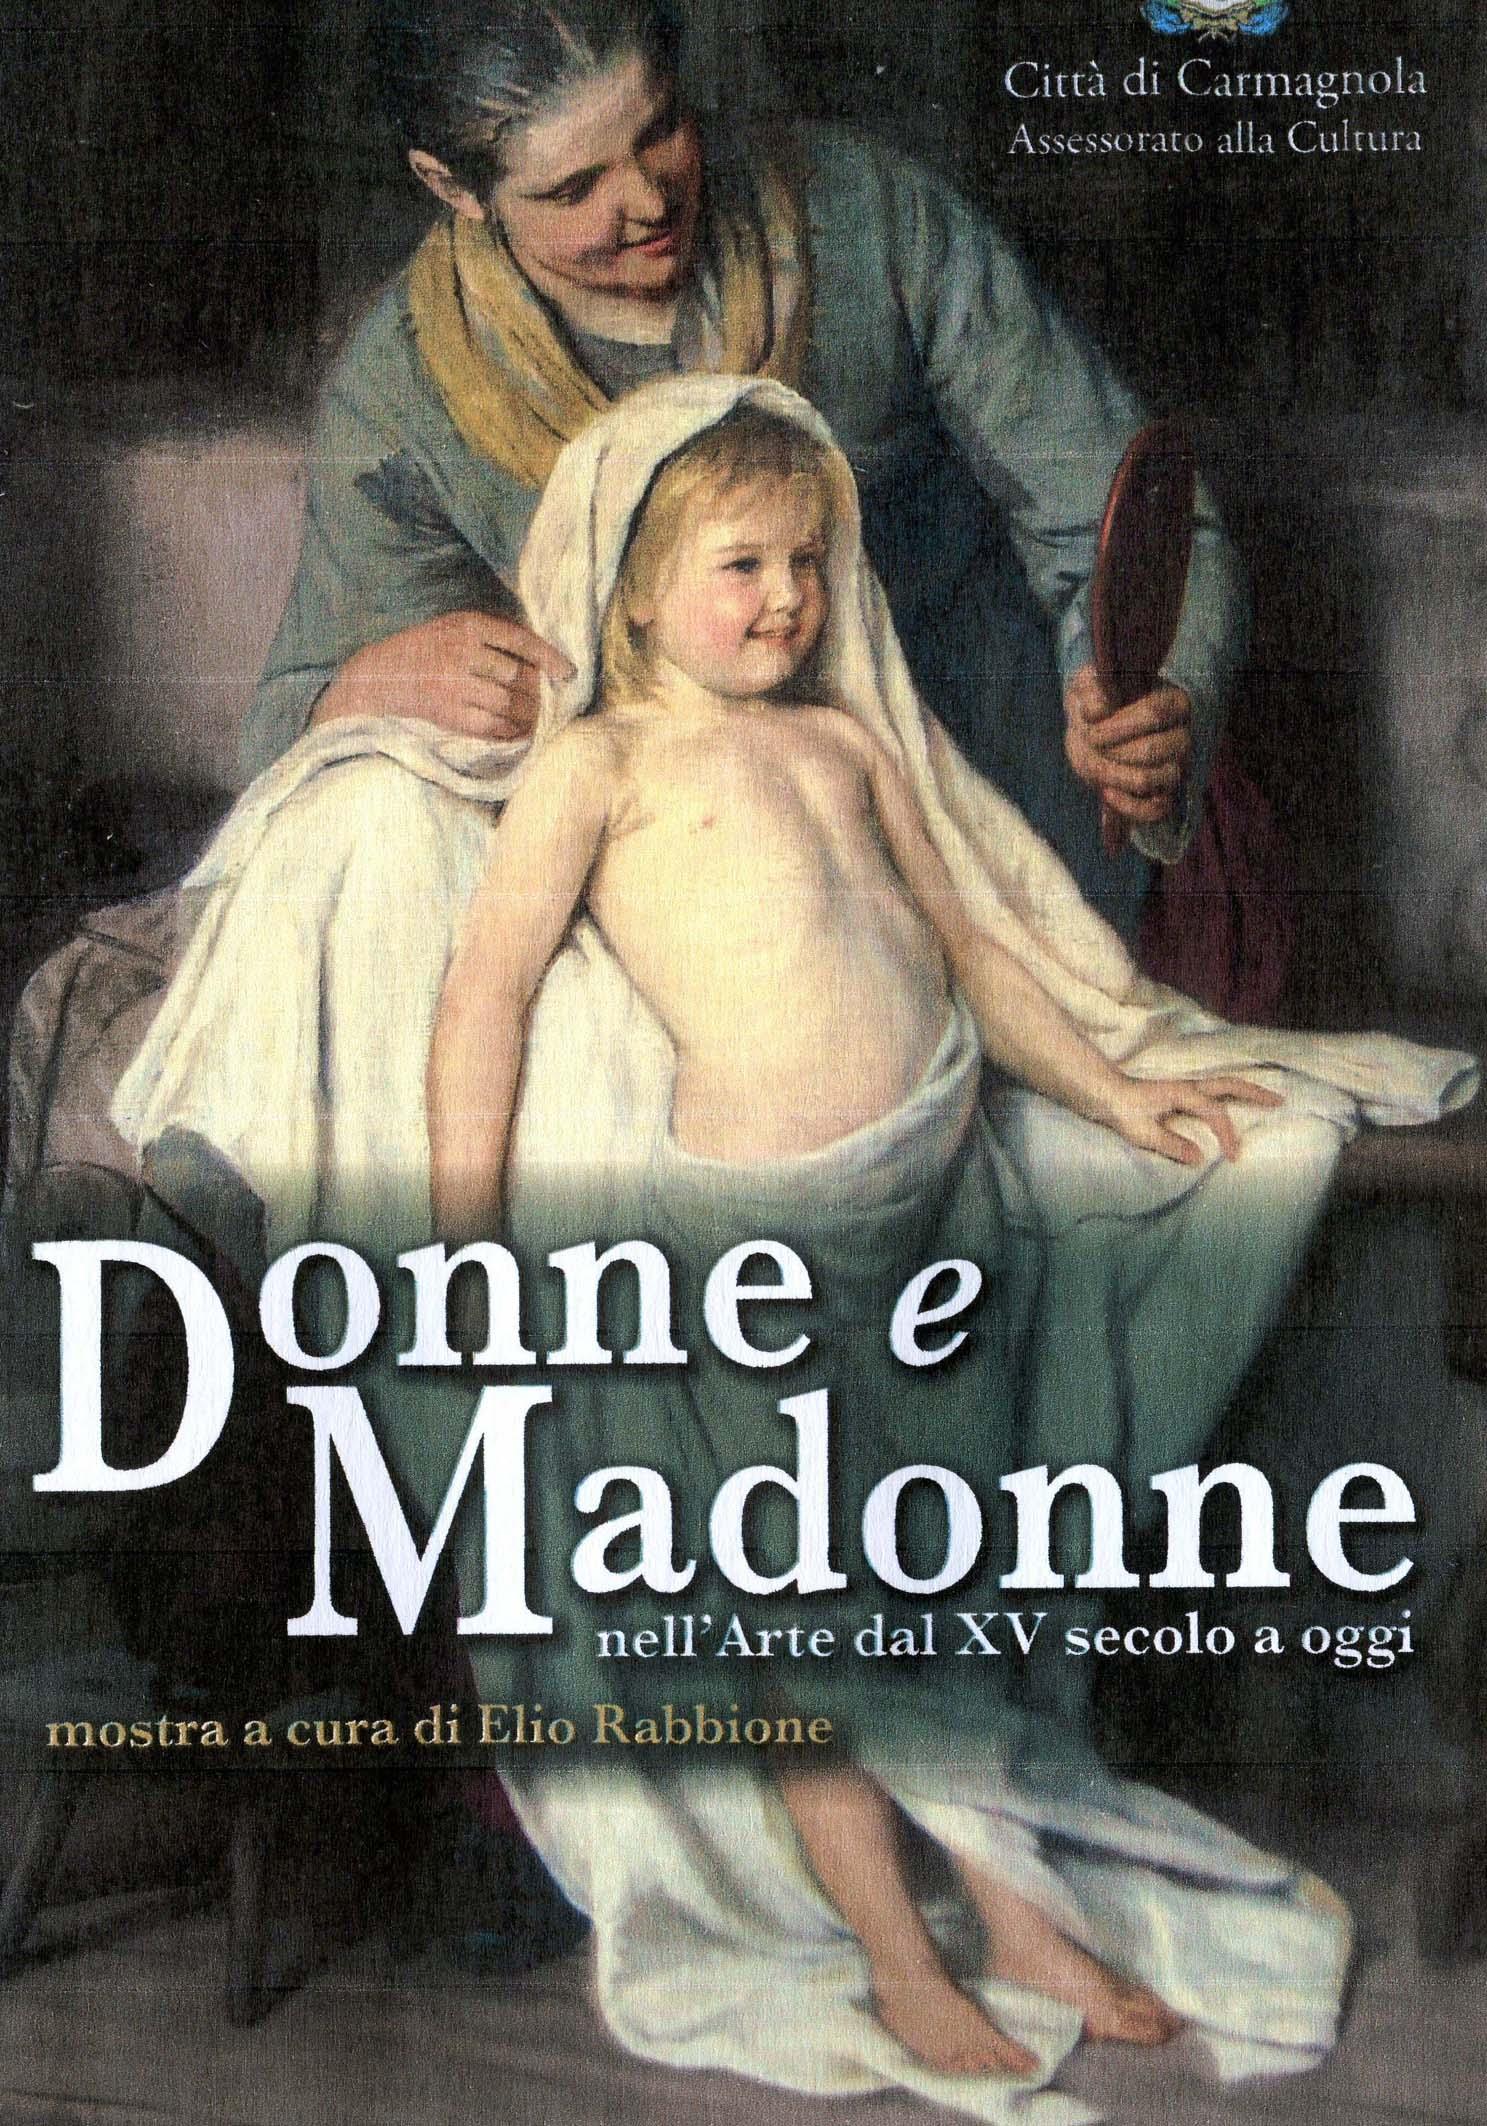 Donne e Madonne nell'Arte